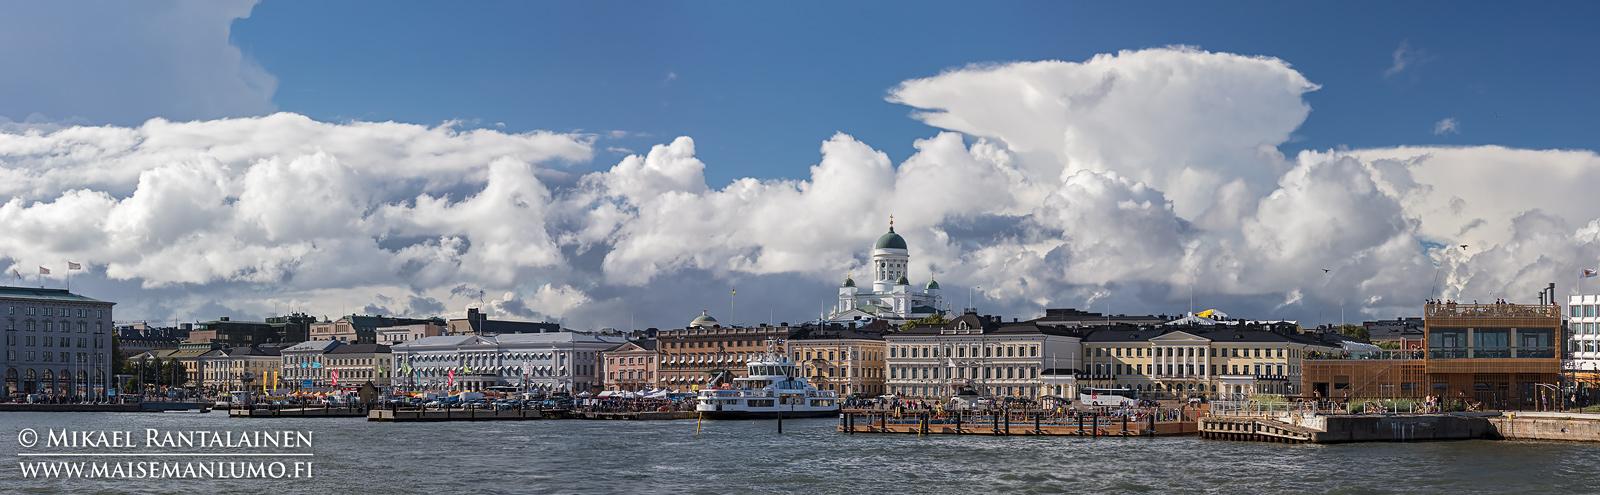 Kauppatori ja Tuomiokirkko, Eteläsatama, Helsinki (HP158)